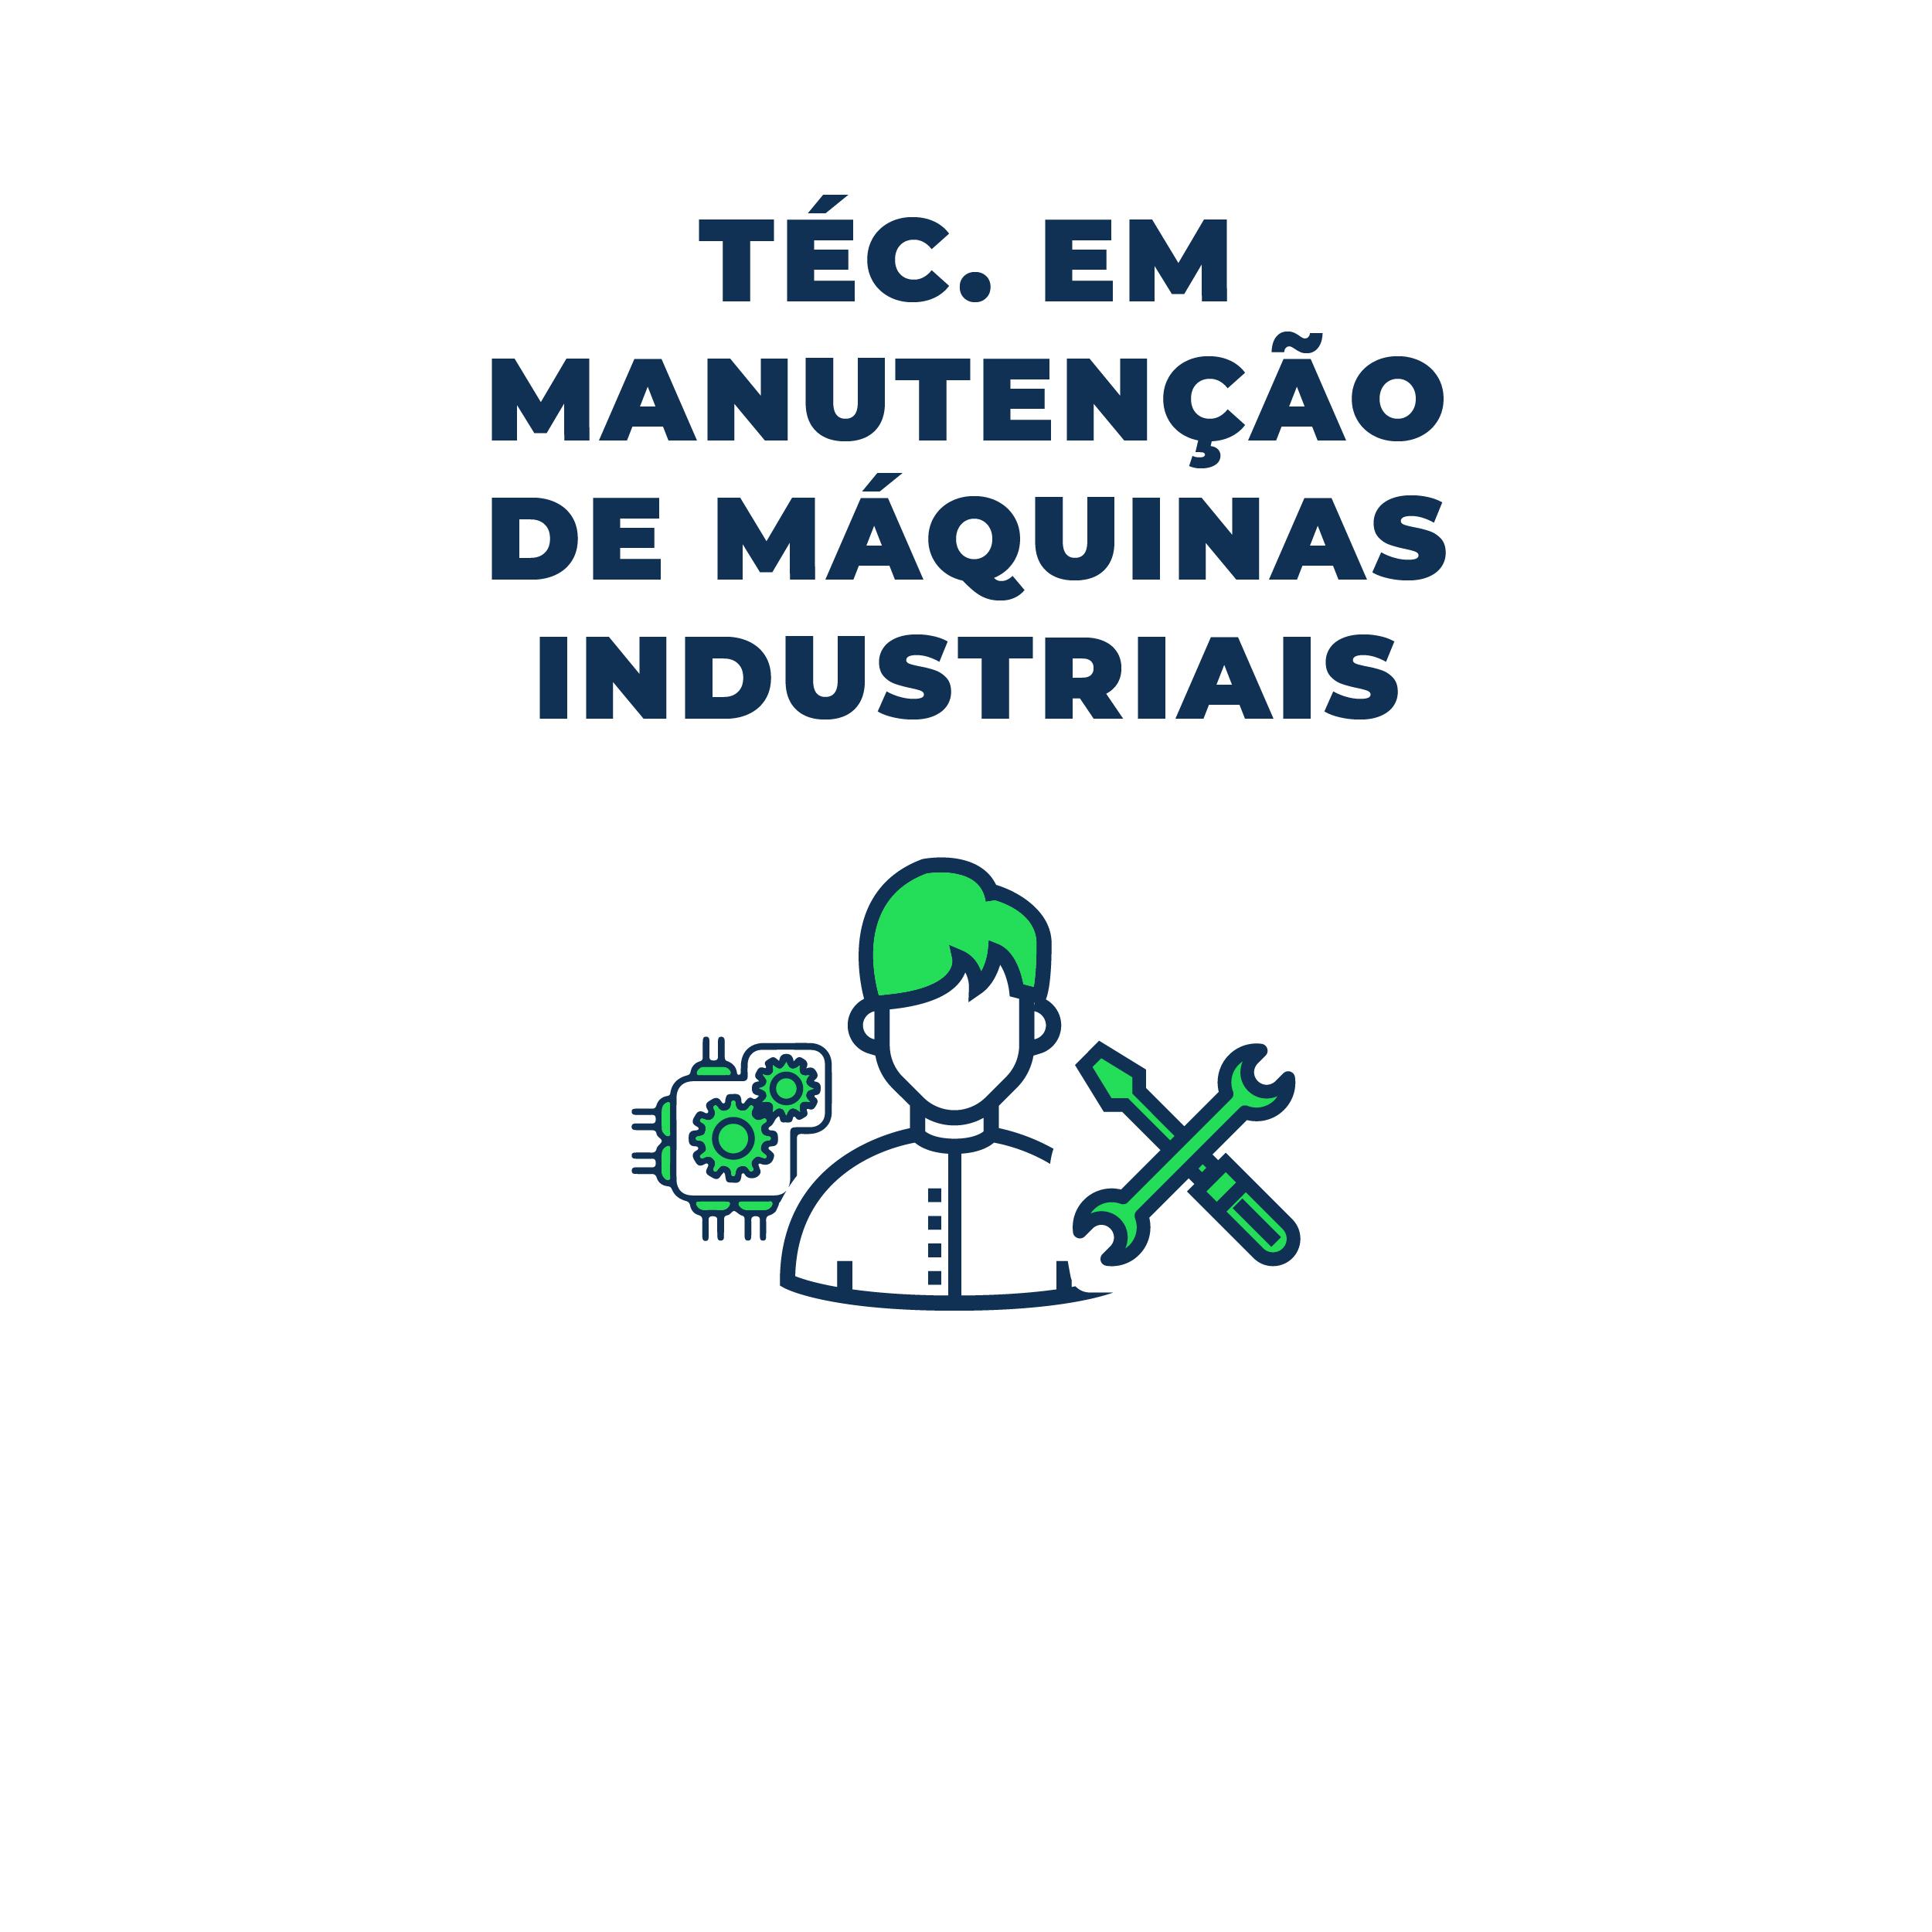 manutencnao maquinas industriais